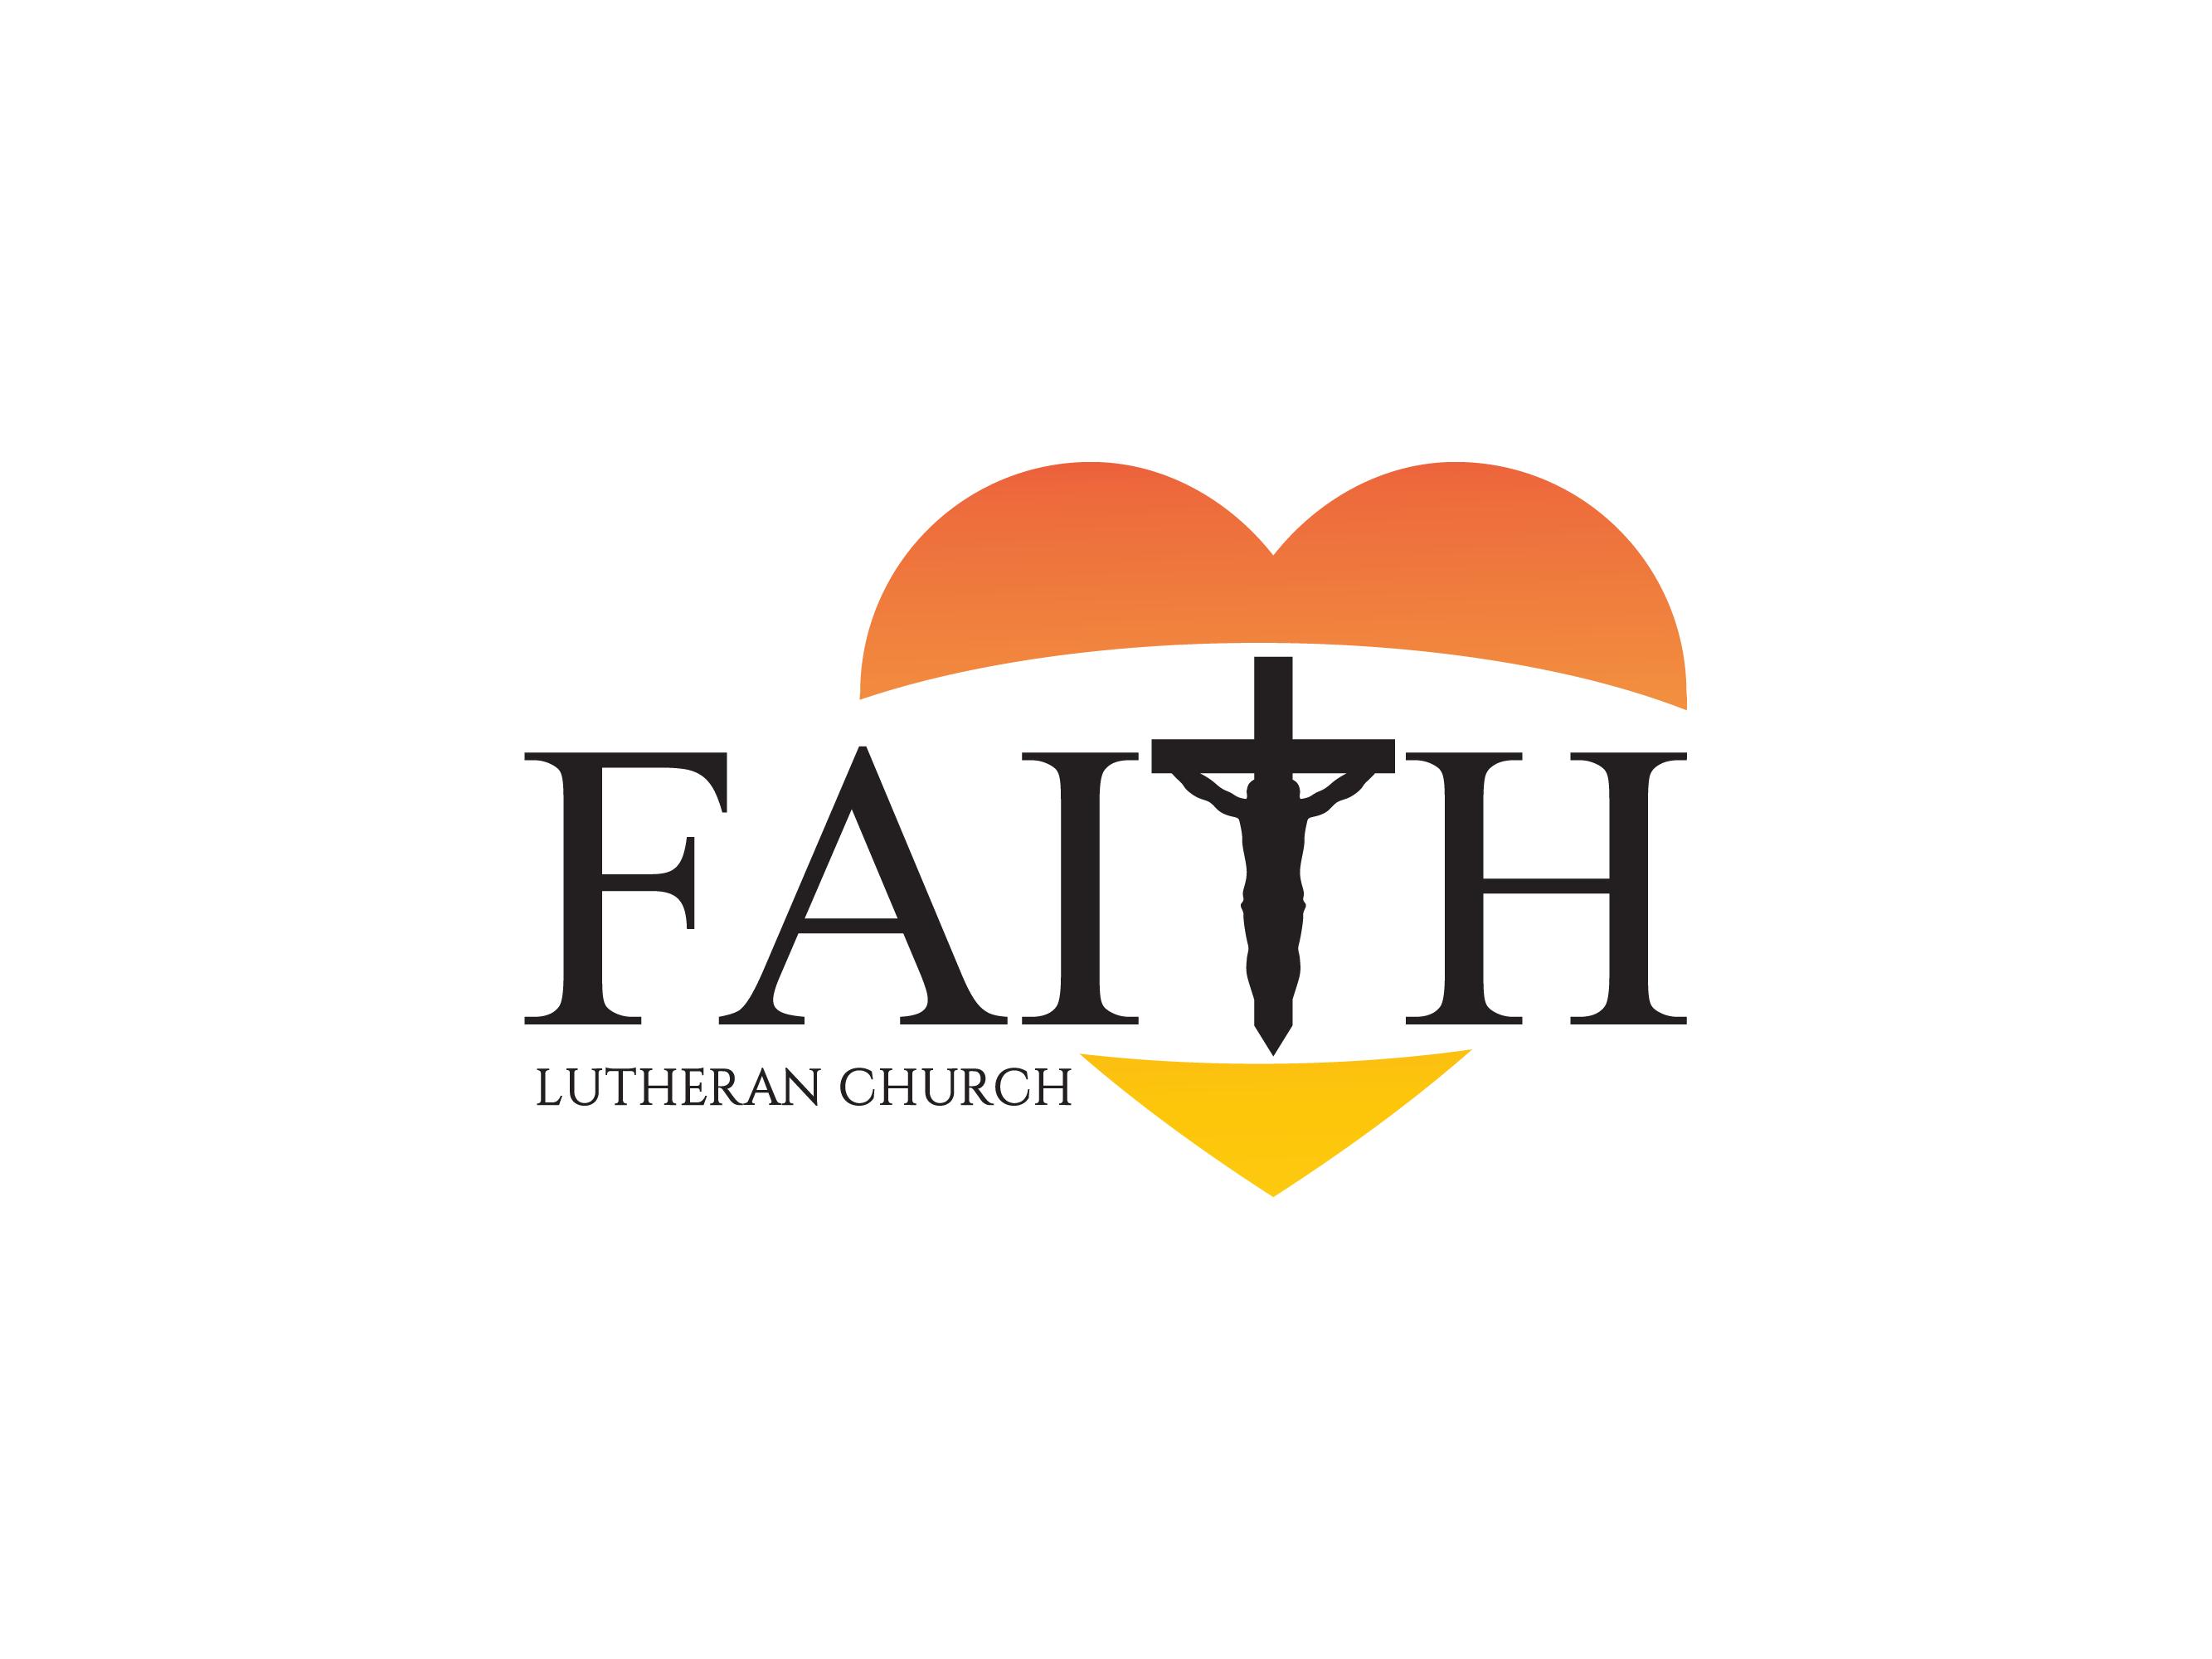 Logo Design by Probir Ghosh - Entry No. 216 in the Logo Design Contest Logo Design for Faith Lutheran Church.